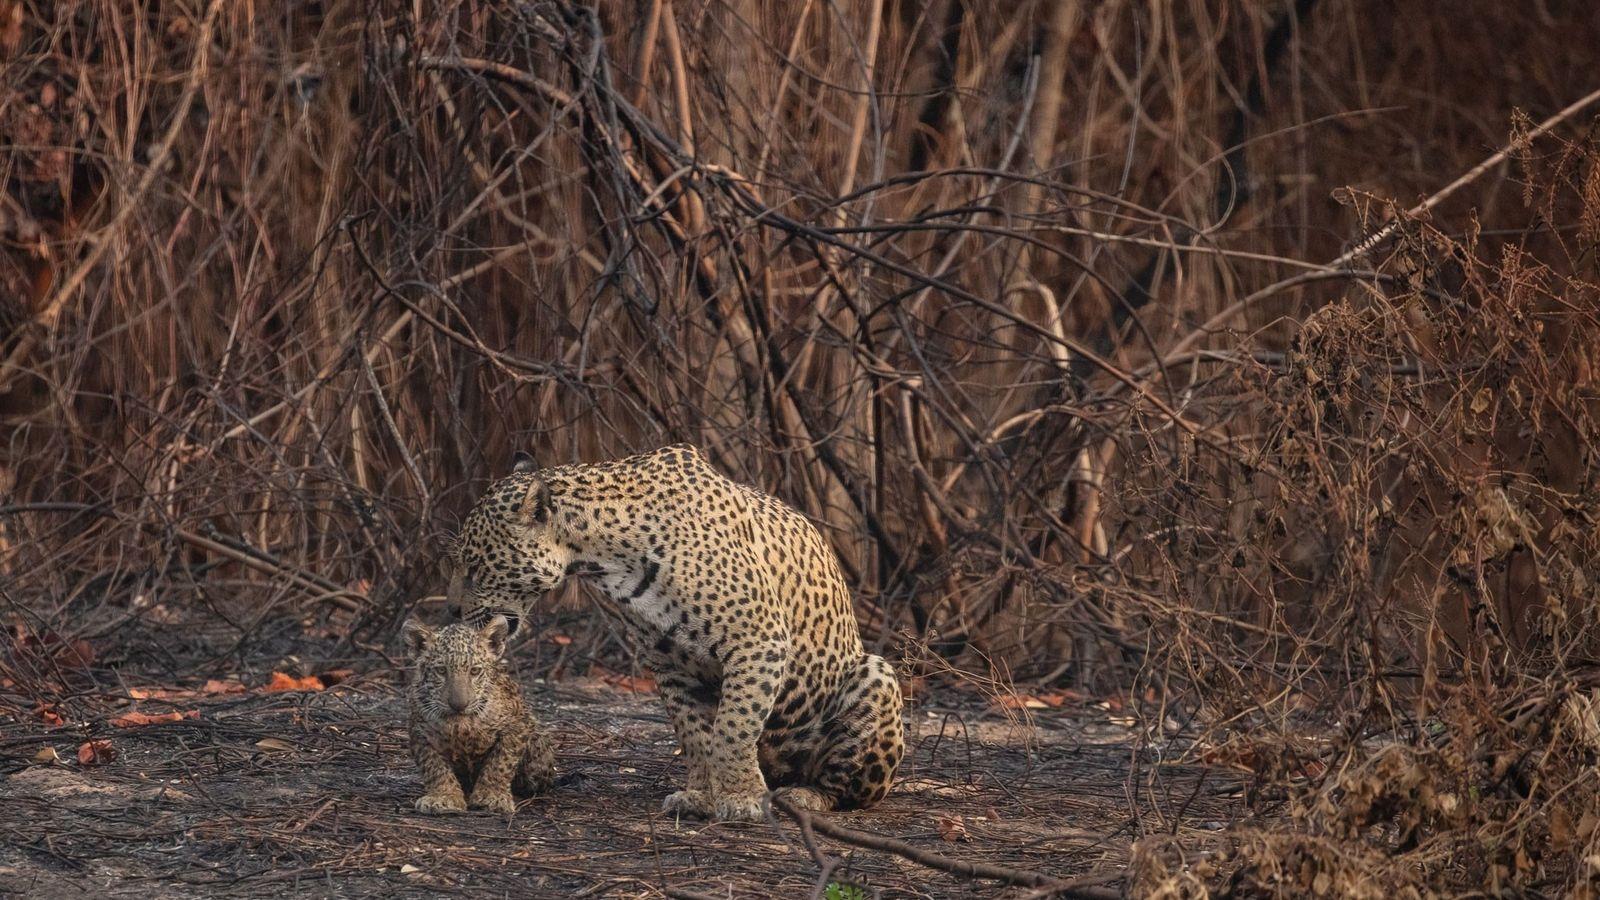 Una madre jaguar y su cría en medio de la vegetación incendiada del Parque Estatal Encontro ...